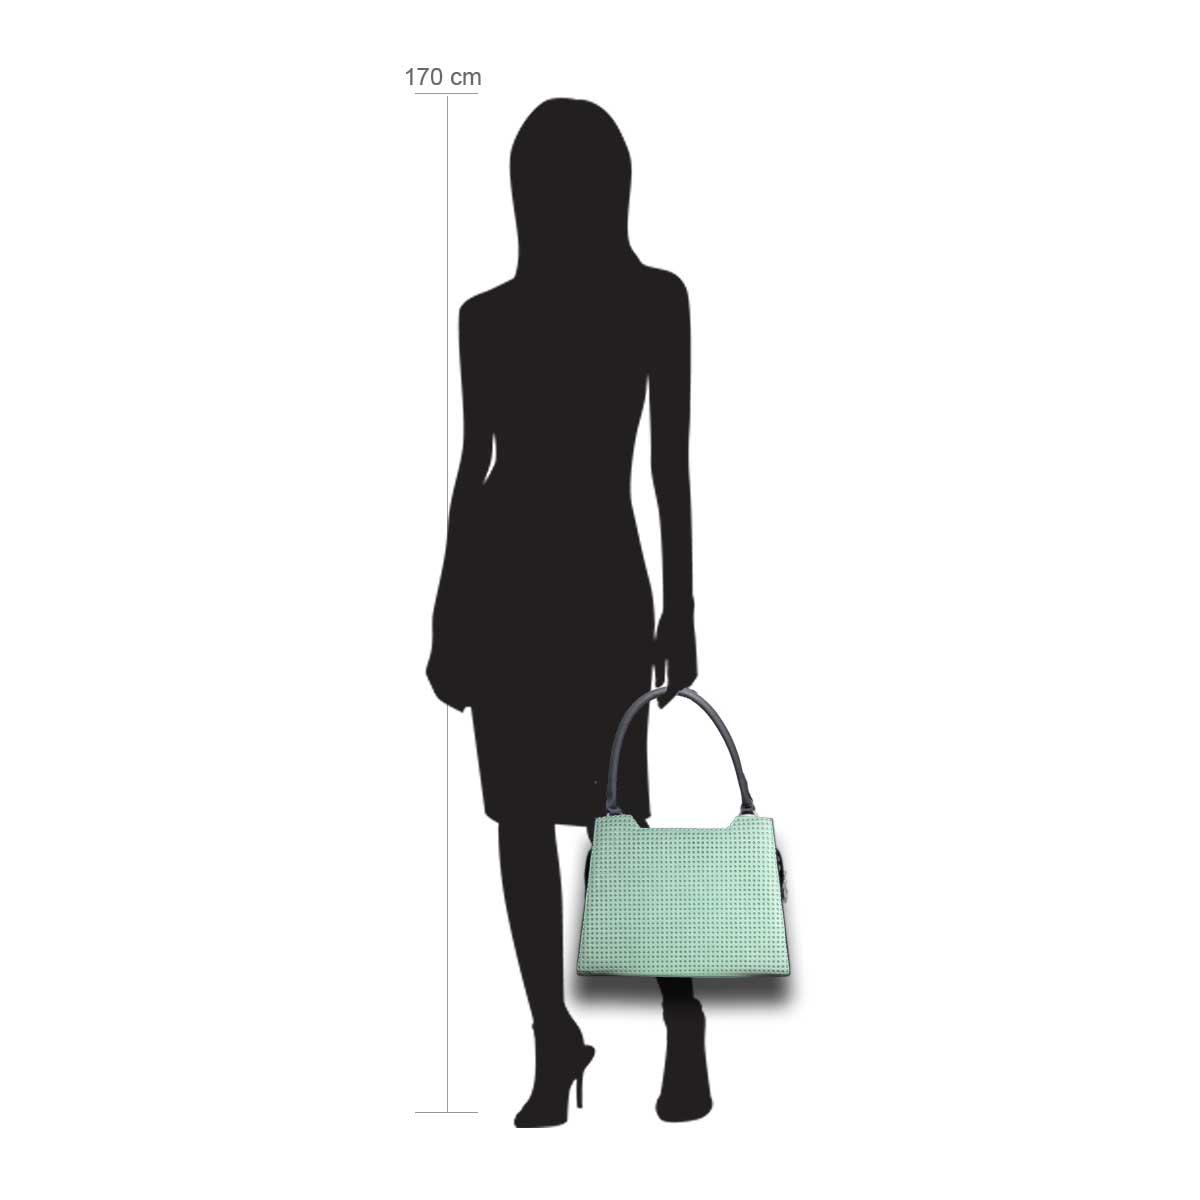 Puppe 170 cm groß zeigt die Taschengröße an . Modell: Linn